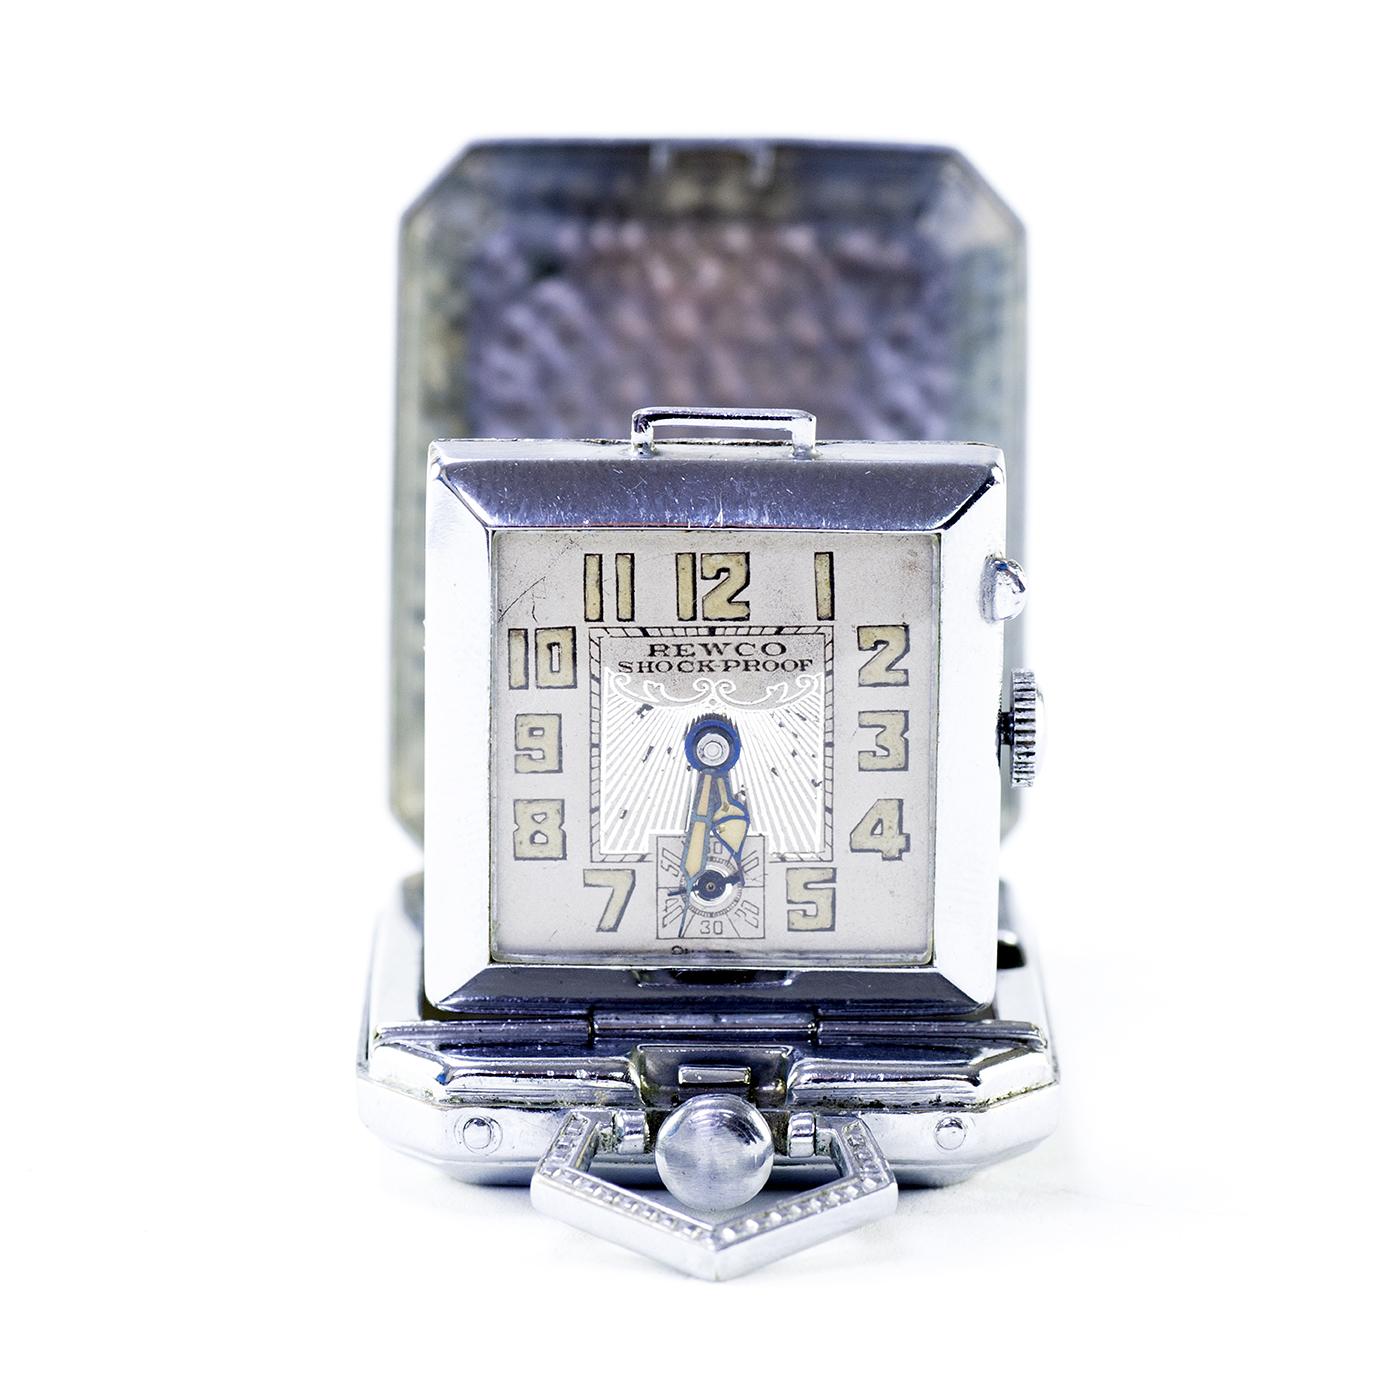 L&L Watch Co. Reloj suizo de bolsillo-sobremesa, saboneta y remontoir. Suiza, ca. 1915